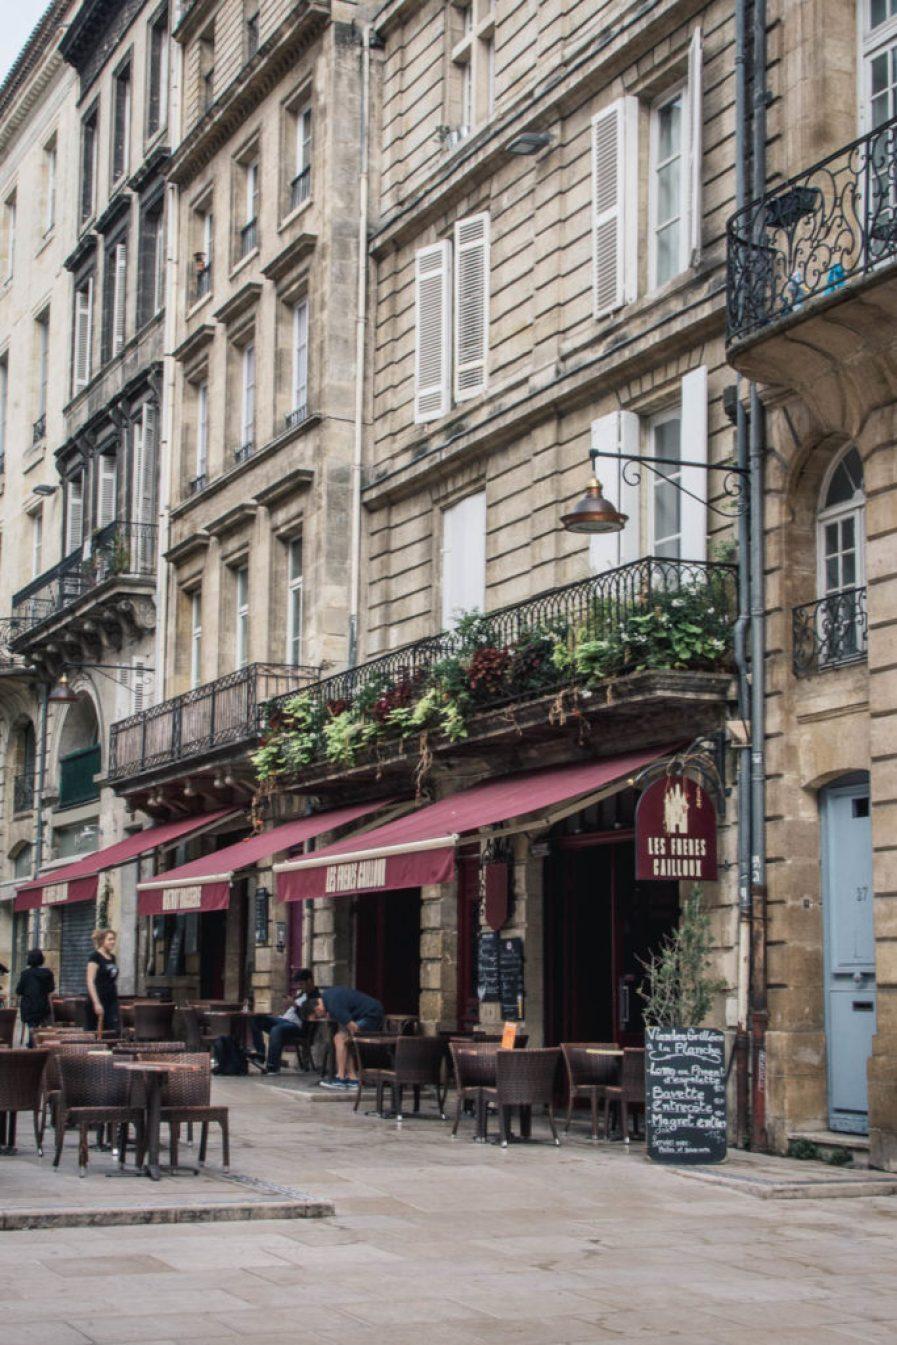 Koncem září jsme si daly s holkama sraz v Bordeaux a podařilo se nám projet trochu i krásné okolí, samozřejmě s nějakou tou degustací vína.